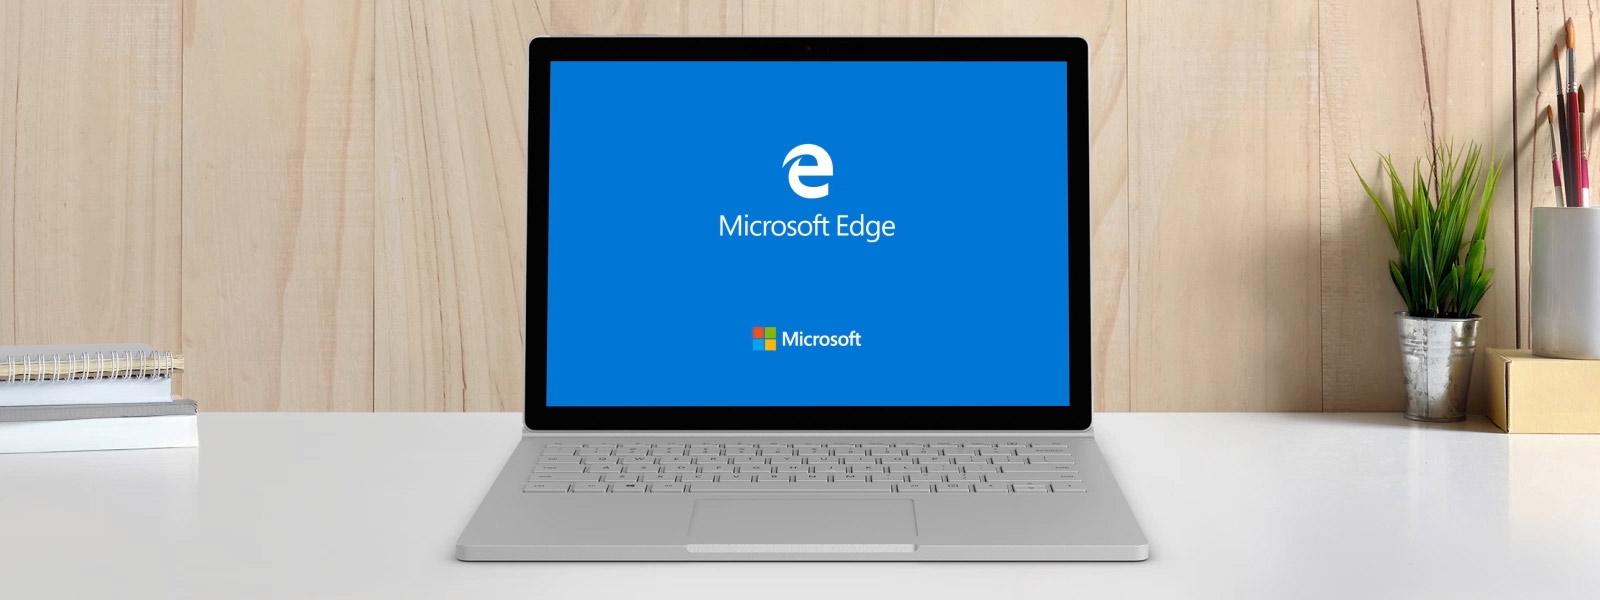 torne o Microsoft Edge mais rápido e seguro